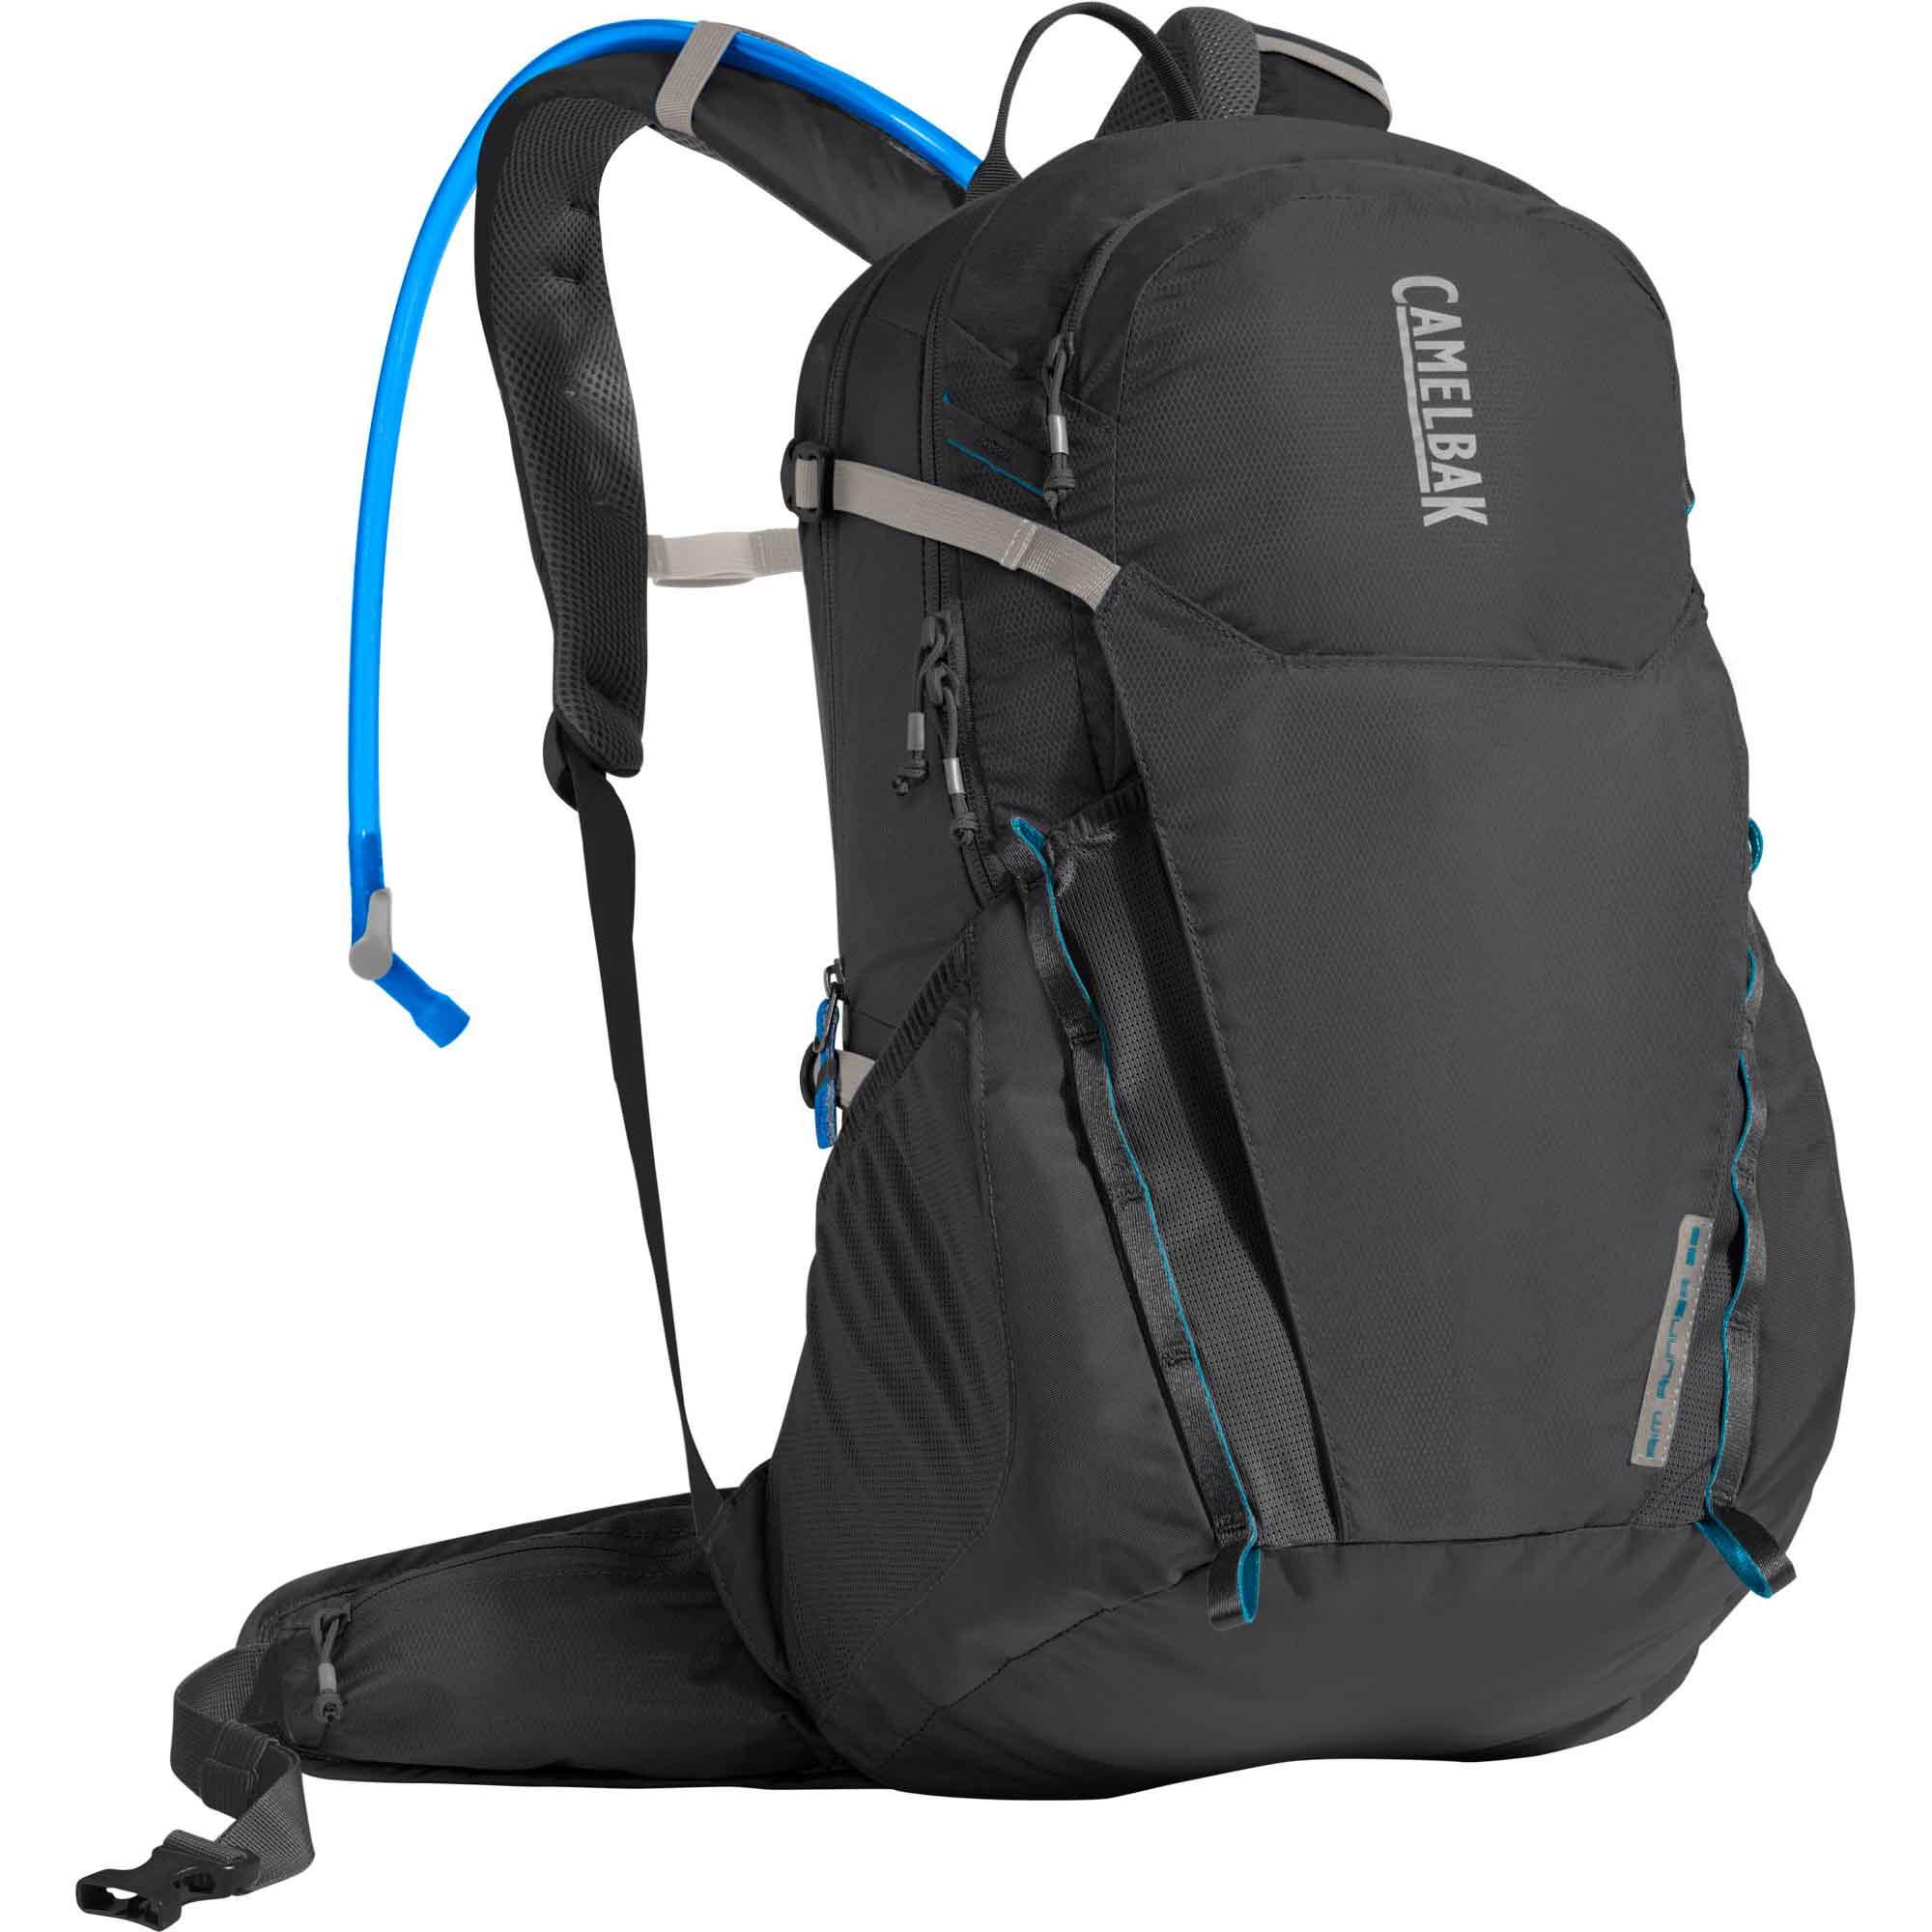 Camelbak Rim Runner 22 Hydration Hiking Backpack